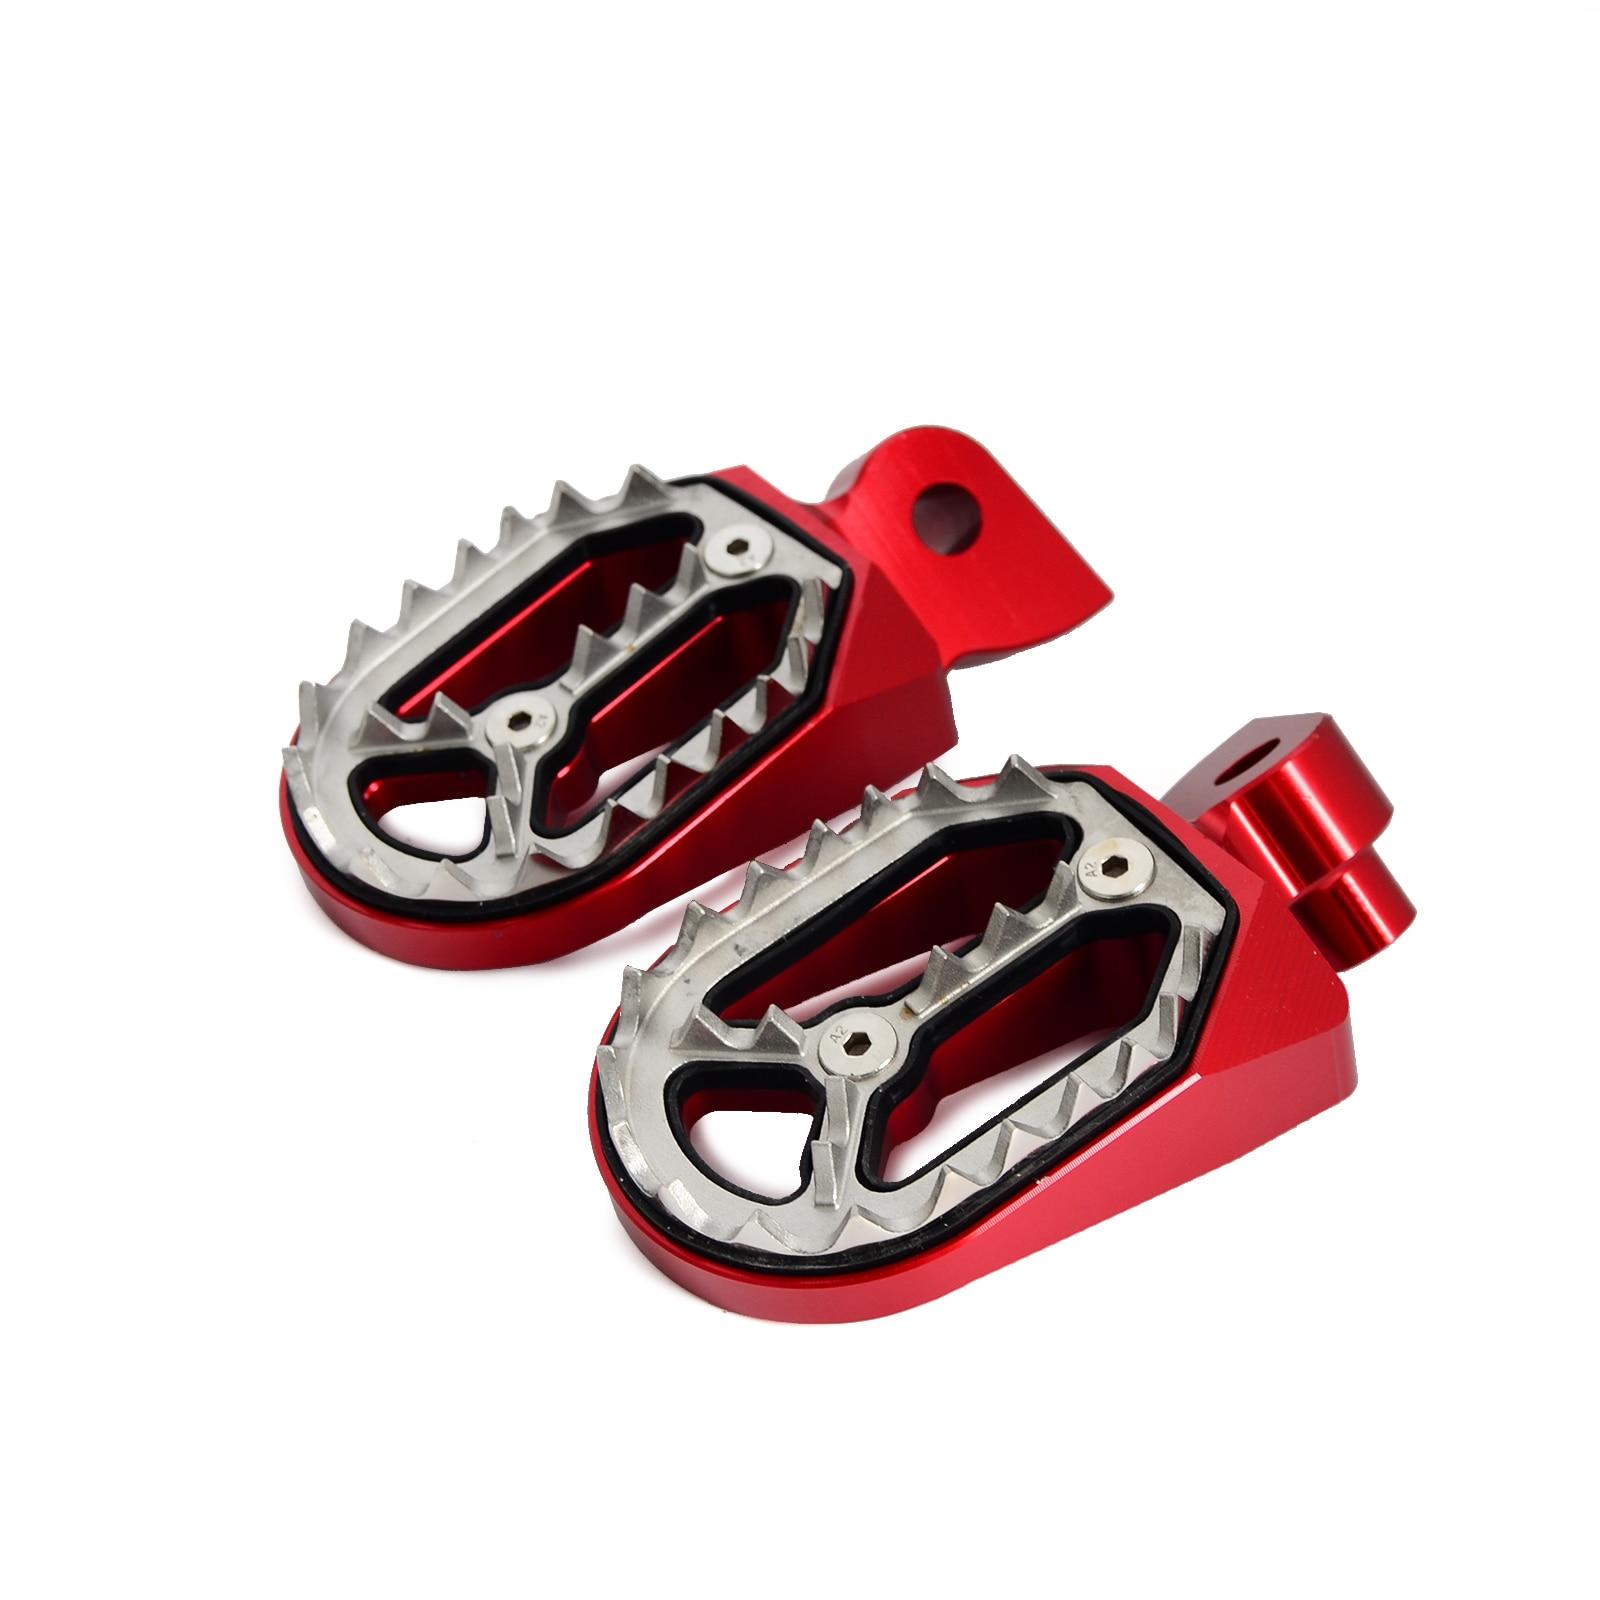 Pro-Bite Wide Foot Pegs Rests Footrests Footpegs Shark Teethn Kit For Gas Gas EC 50 250 300 450 Range 1997-2015 Etc Dirt Bikes